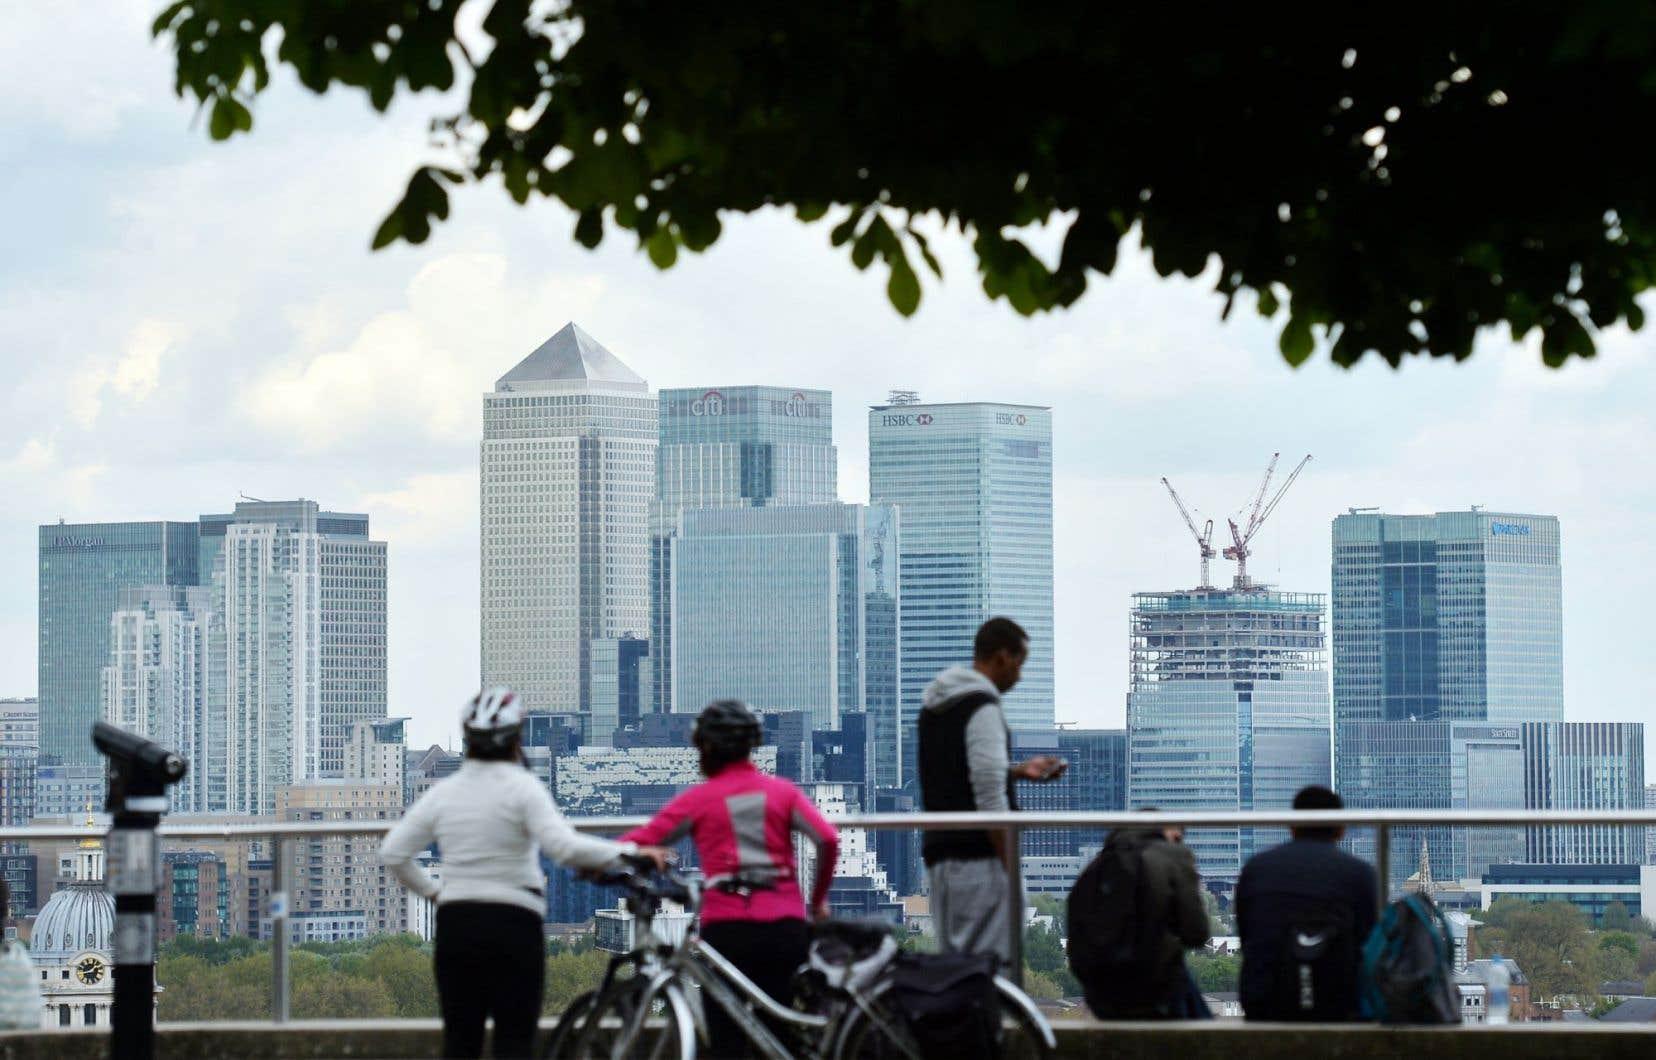 Vue sur la City de Londres, le quartier financier de la capitable britannique